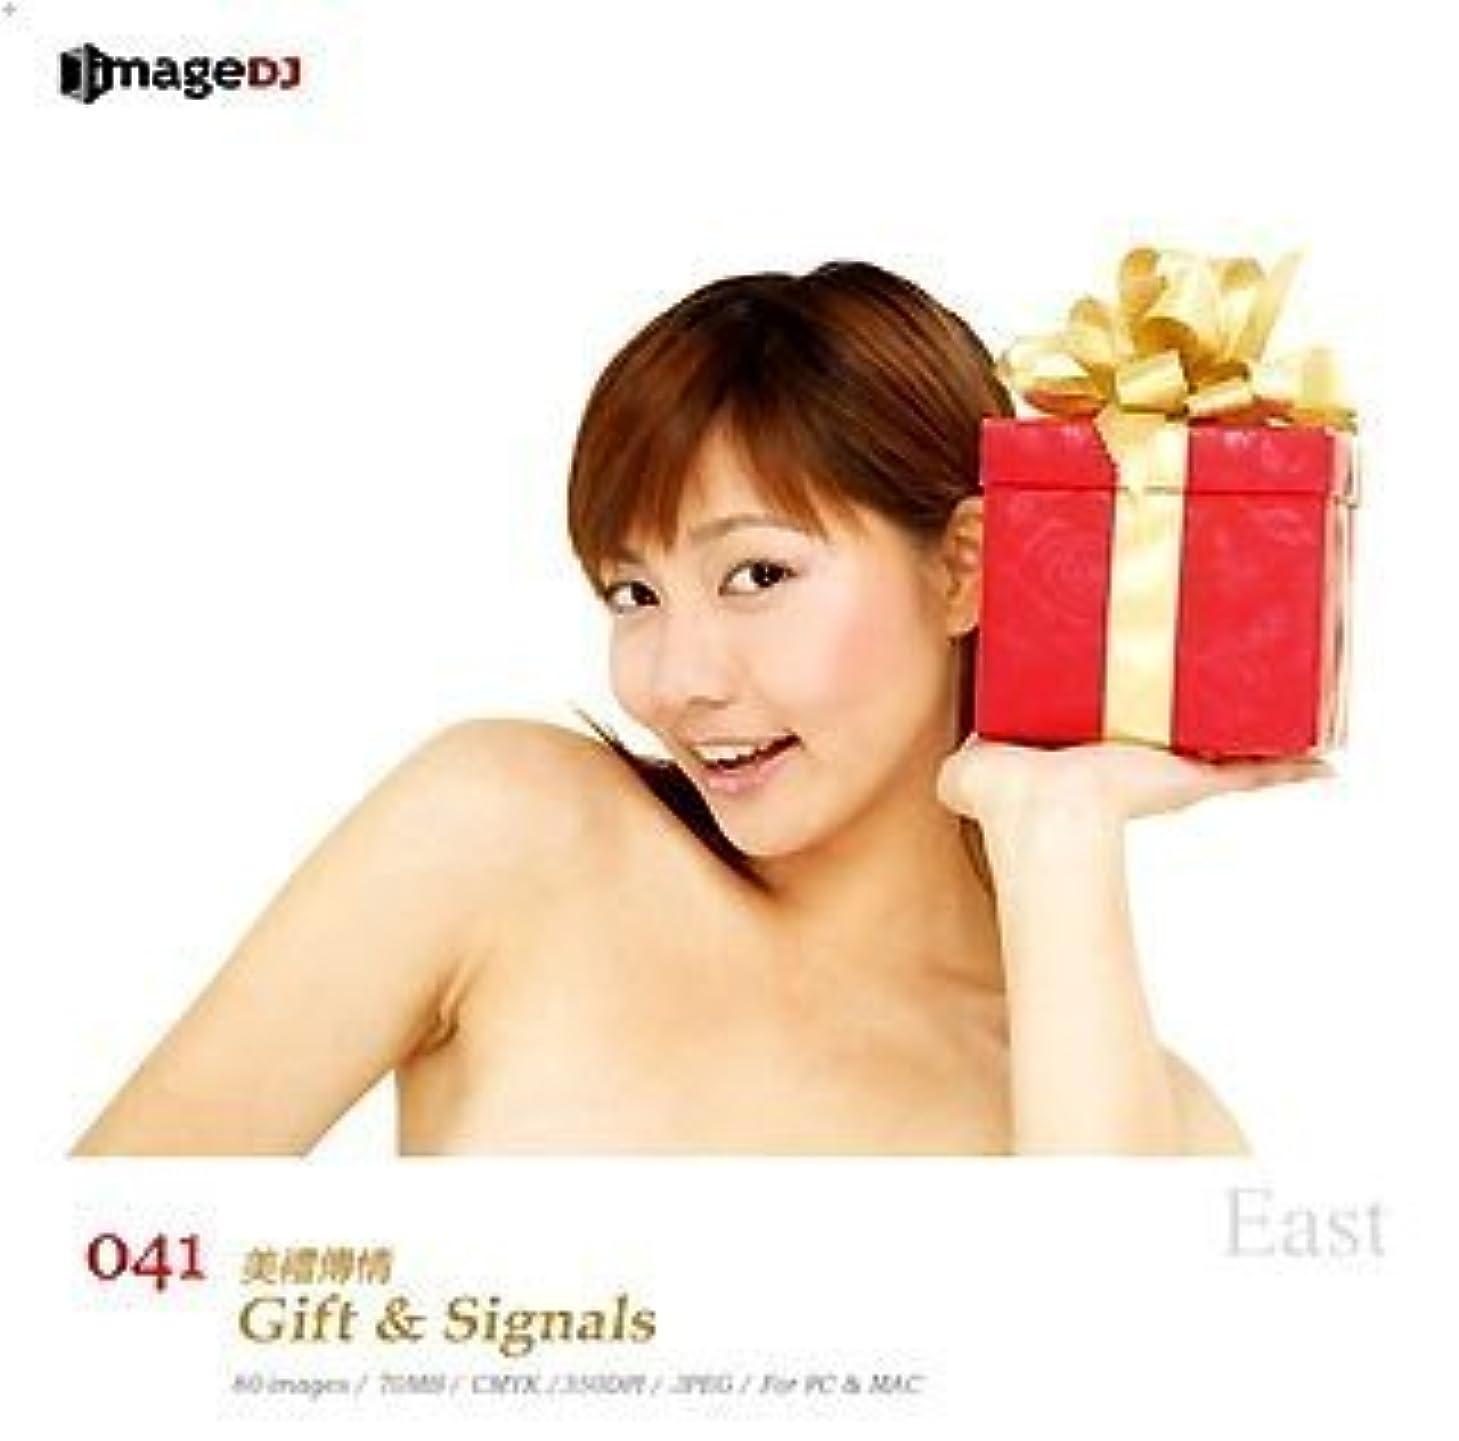 センチメンタル許容できるさまようEAST vol.41 ギフトポーズ Gift Signals